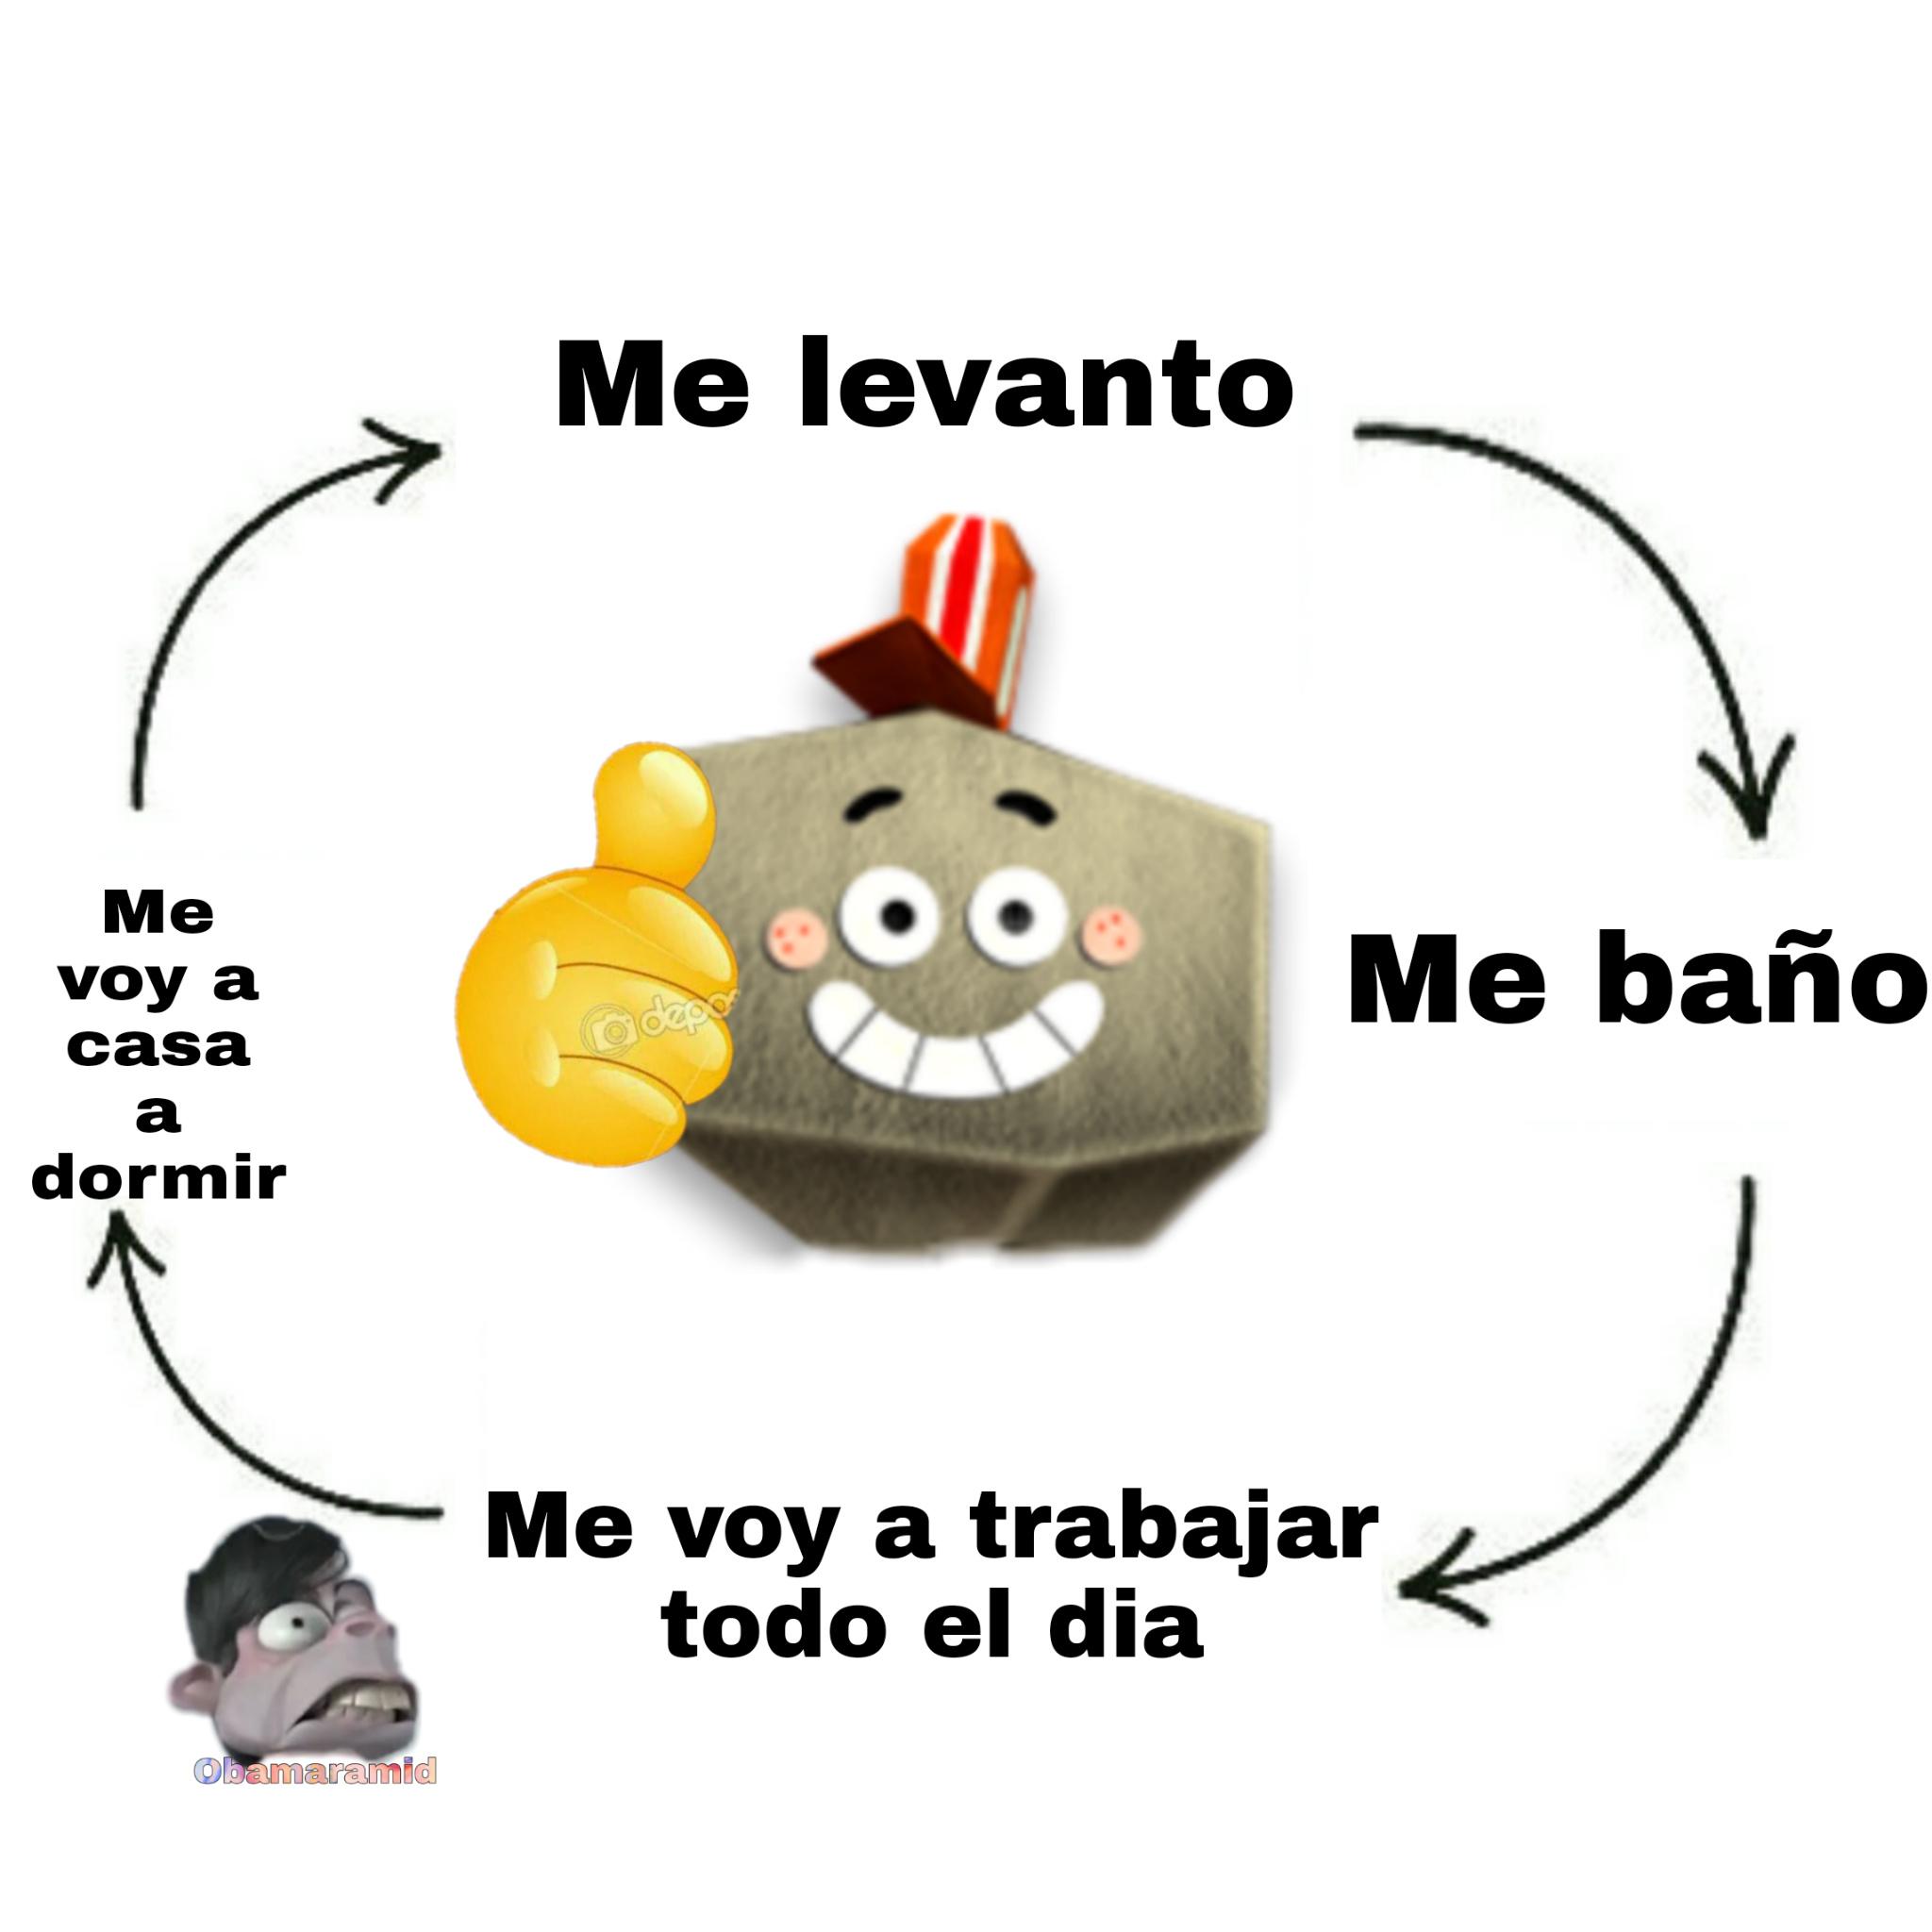 XDDDdDdDdddddDDd - meme